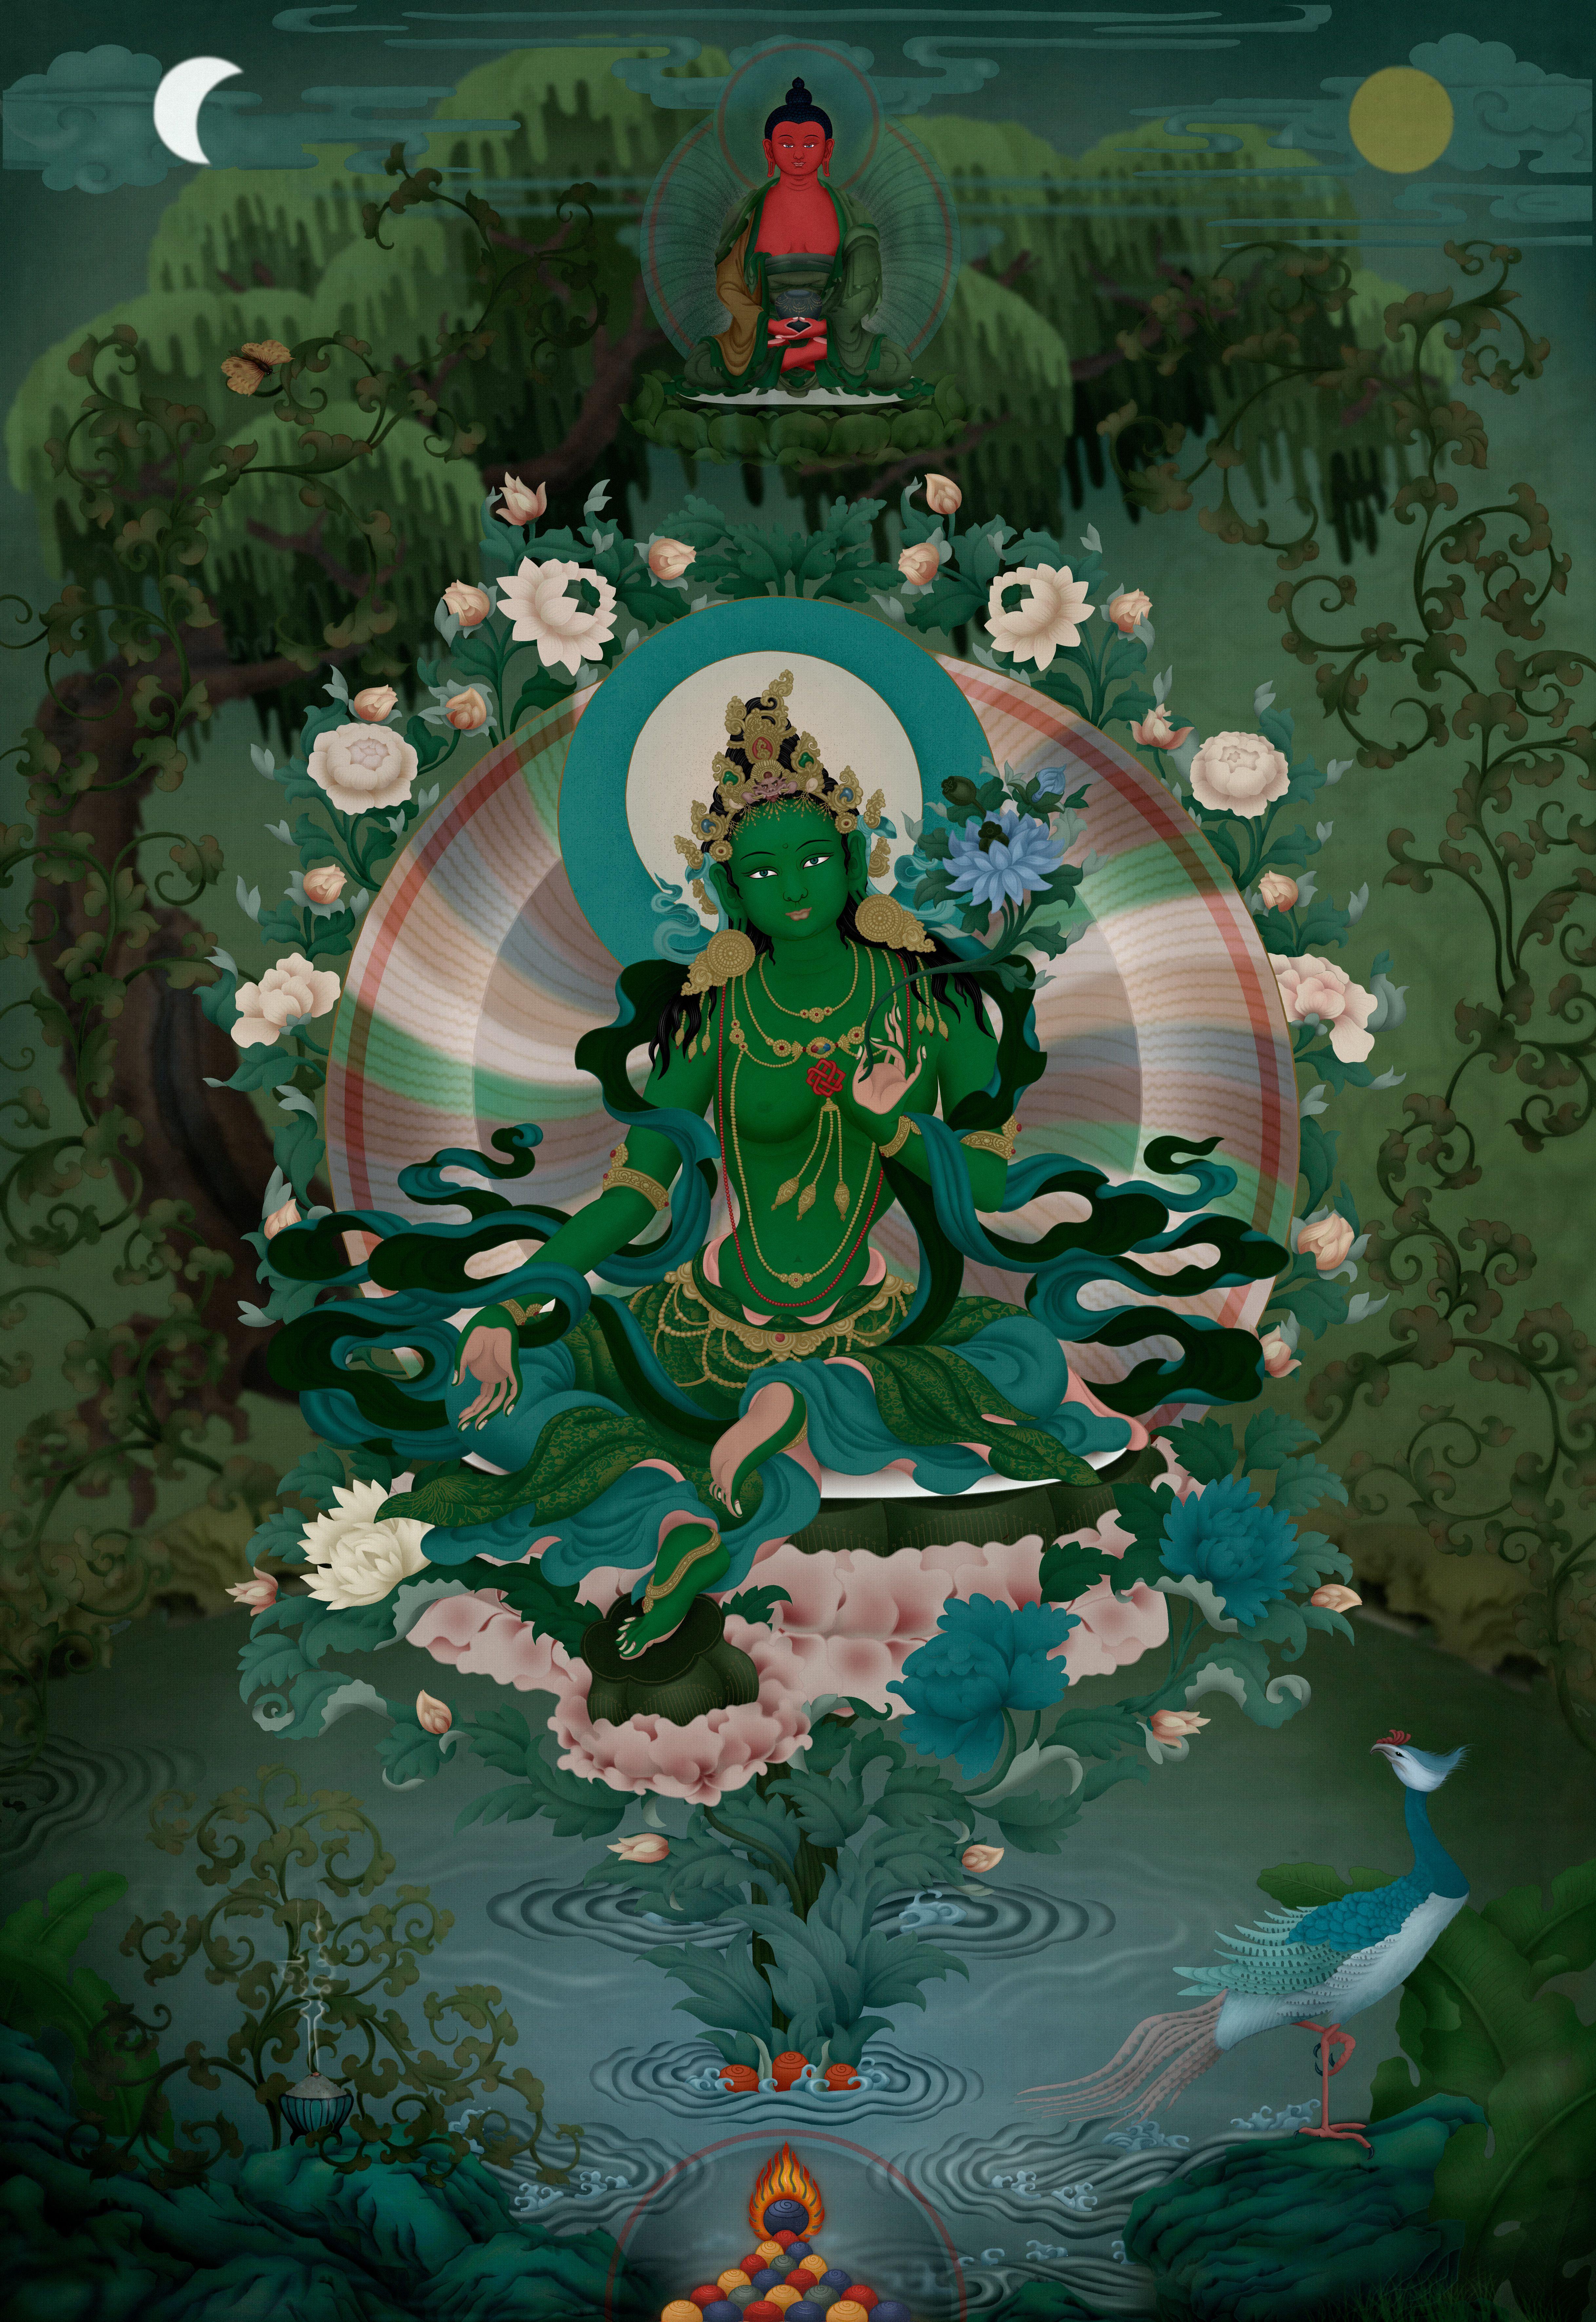 Pin by Kandra Niagra on Green and White Tara | Green tara ...